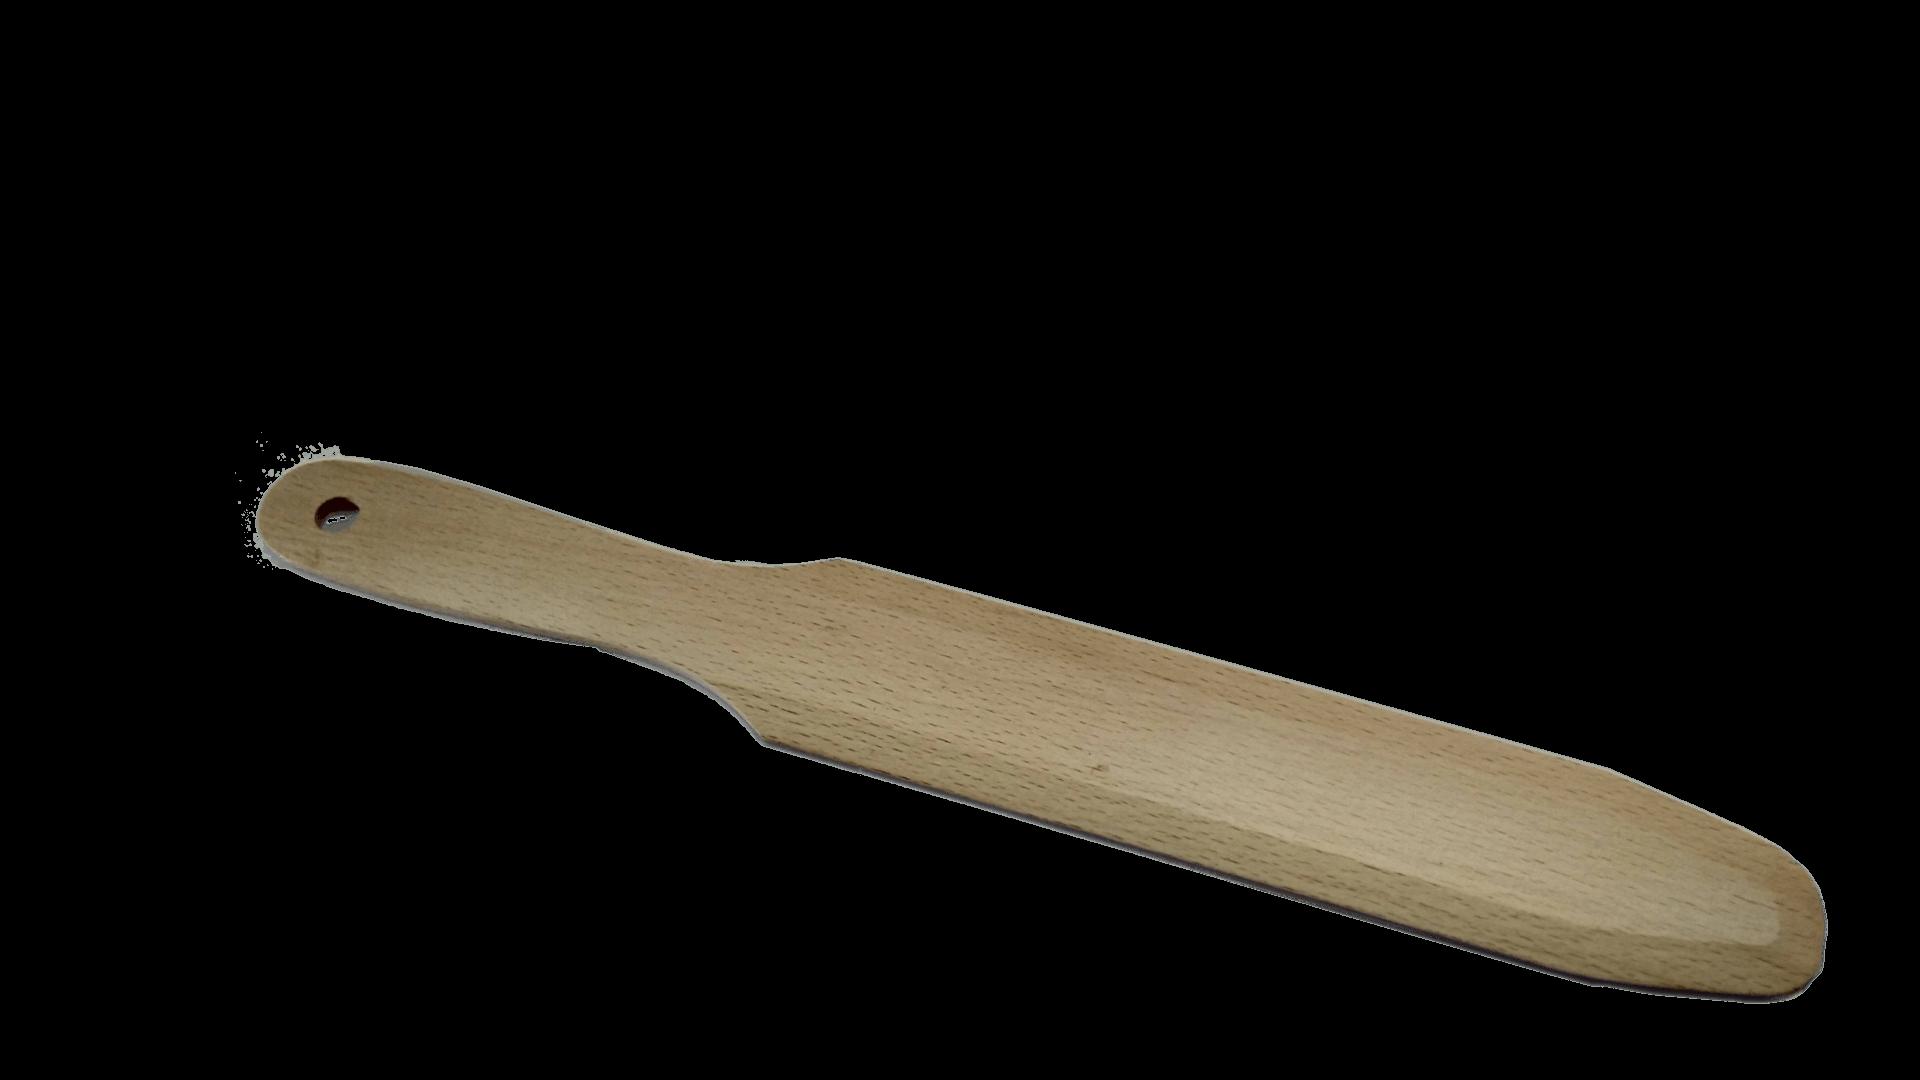 szpatulka1_2